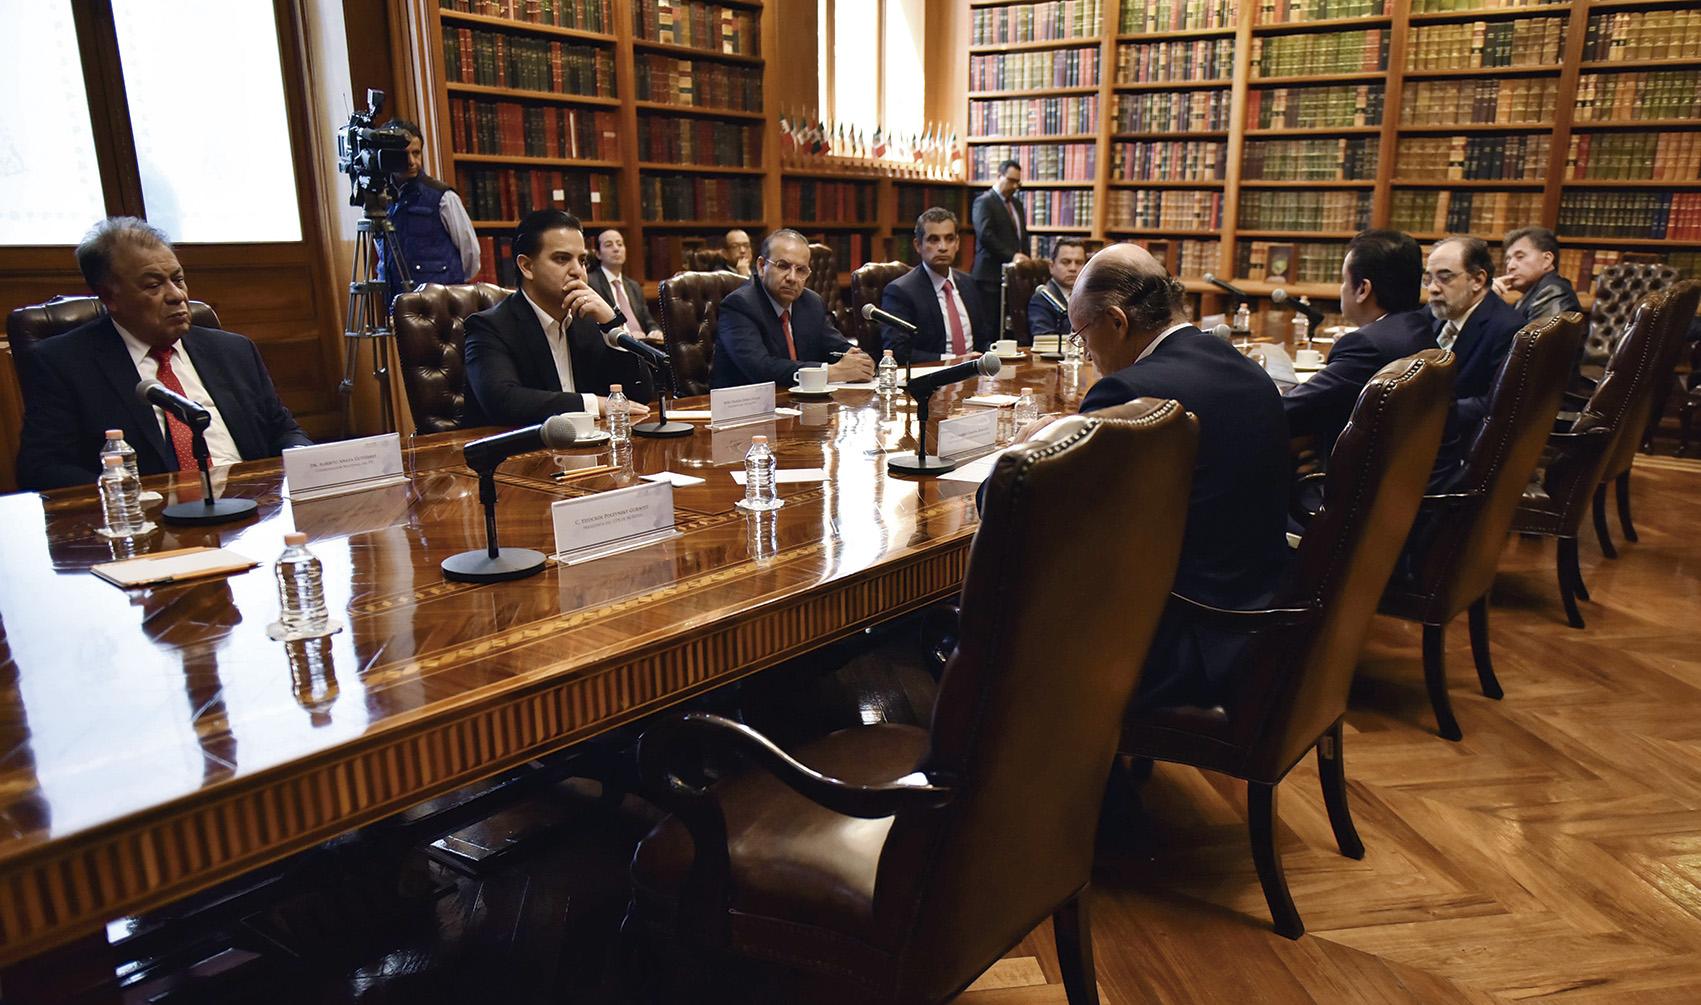 Photo of Dirigentes de partidos políticos nacionales y la Secretaría de Gobernación acuerdan trabajar de manera conjunta para garantizar la seguridad en el proceso electoral 2018